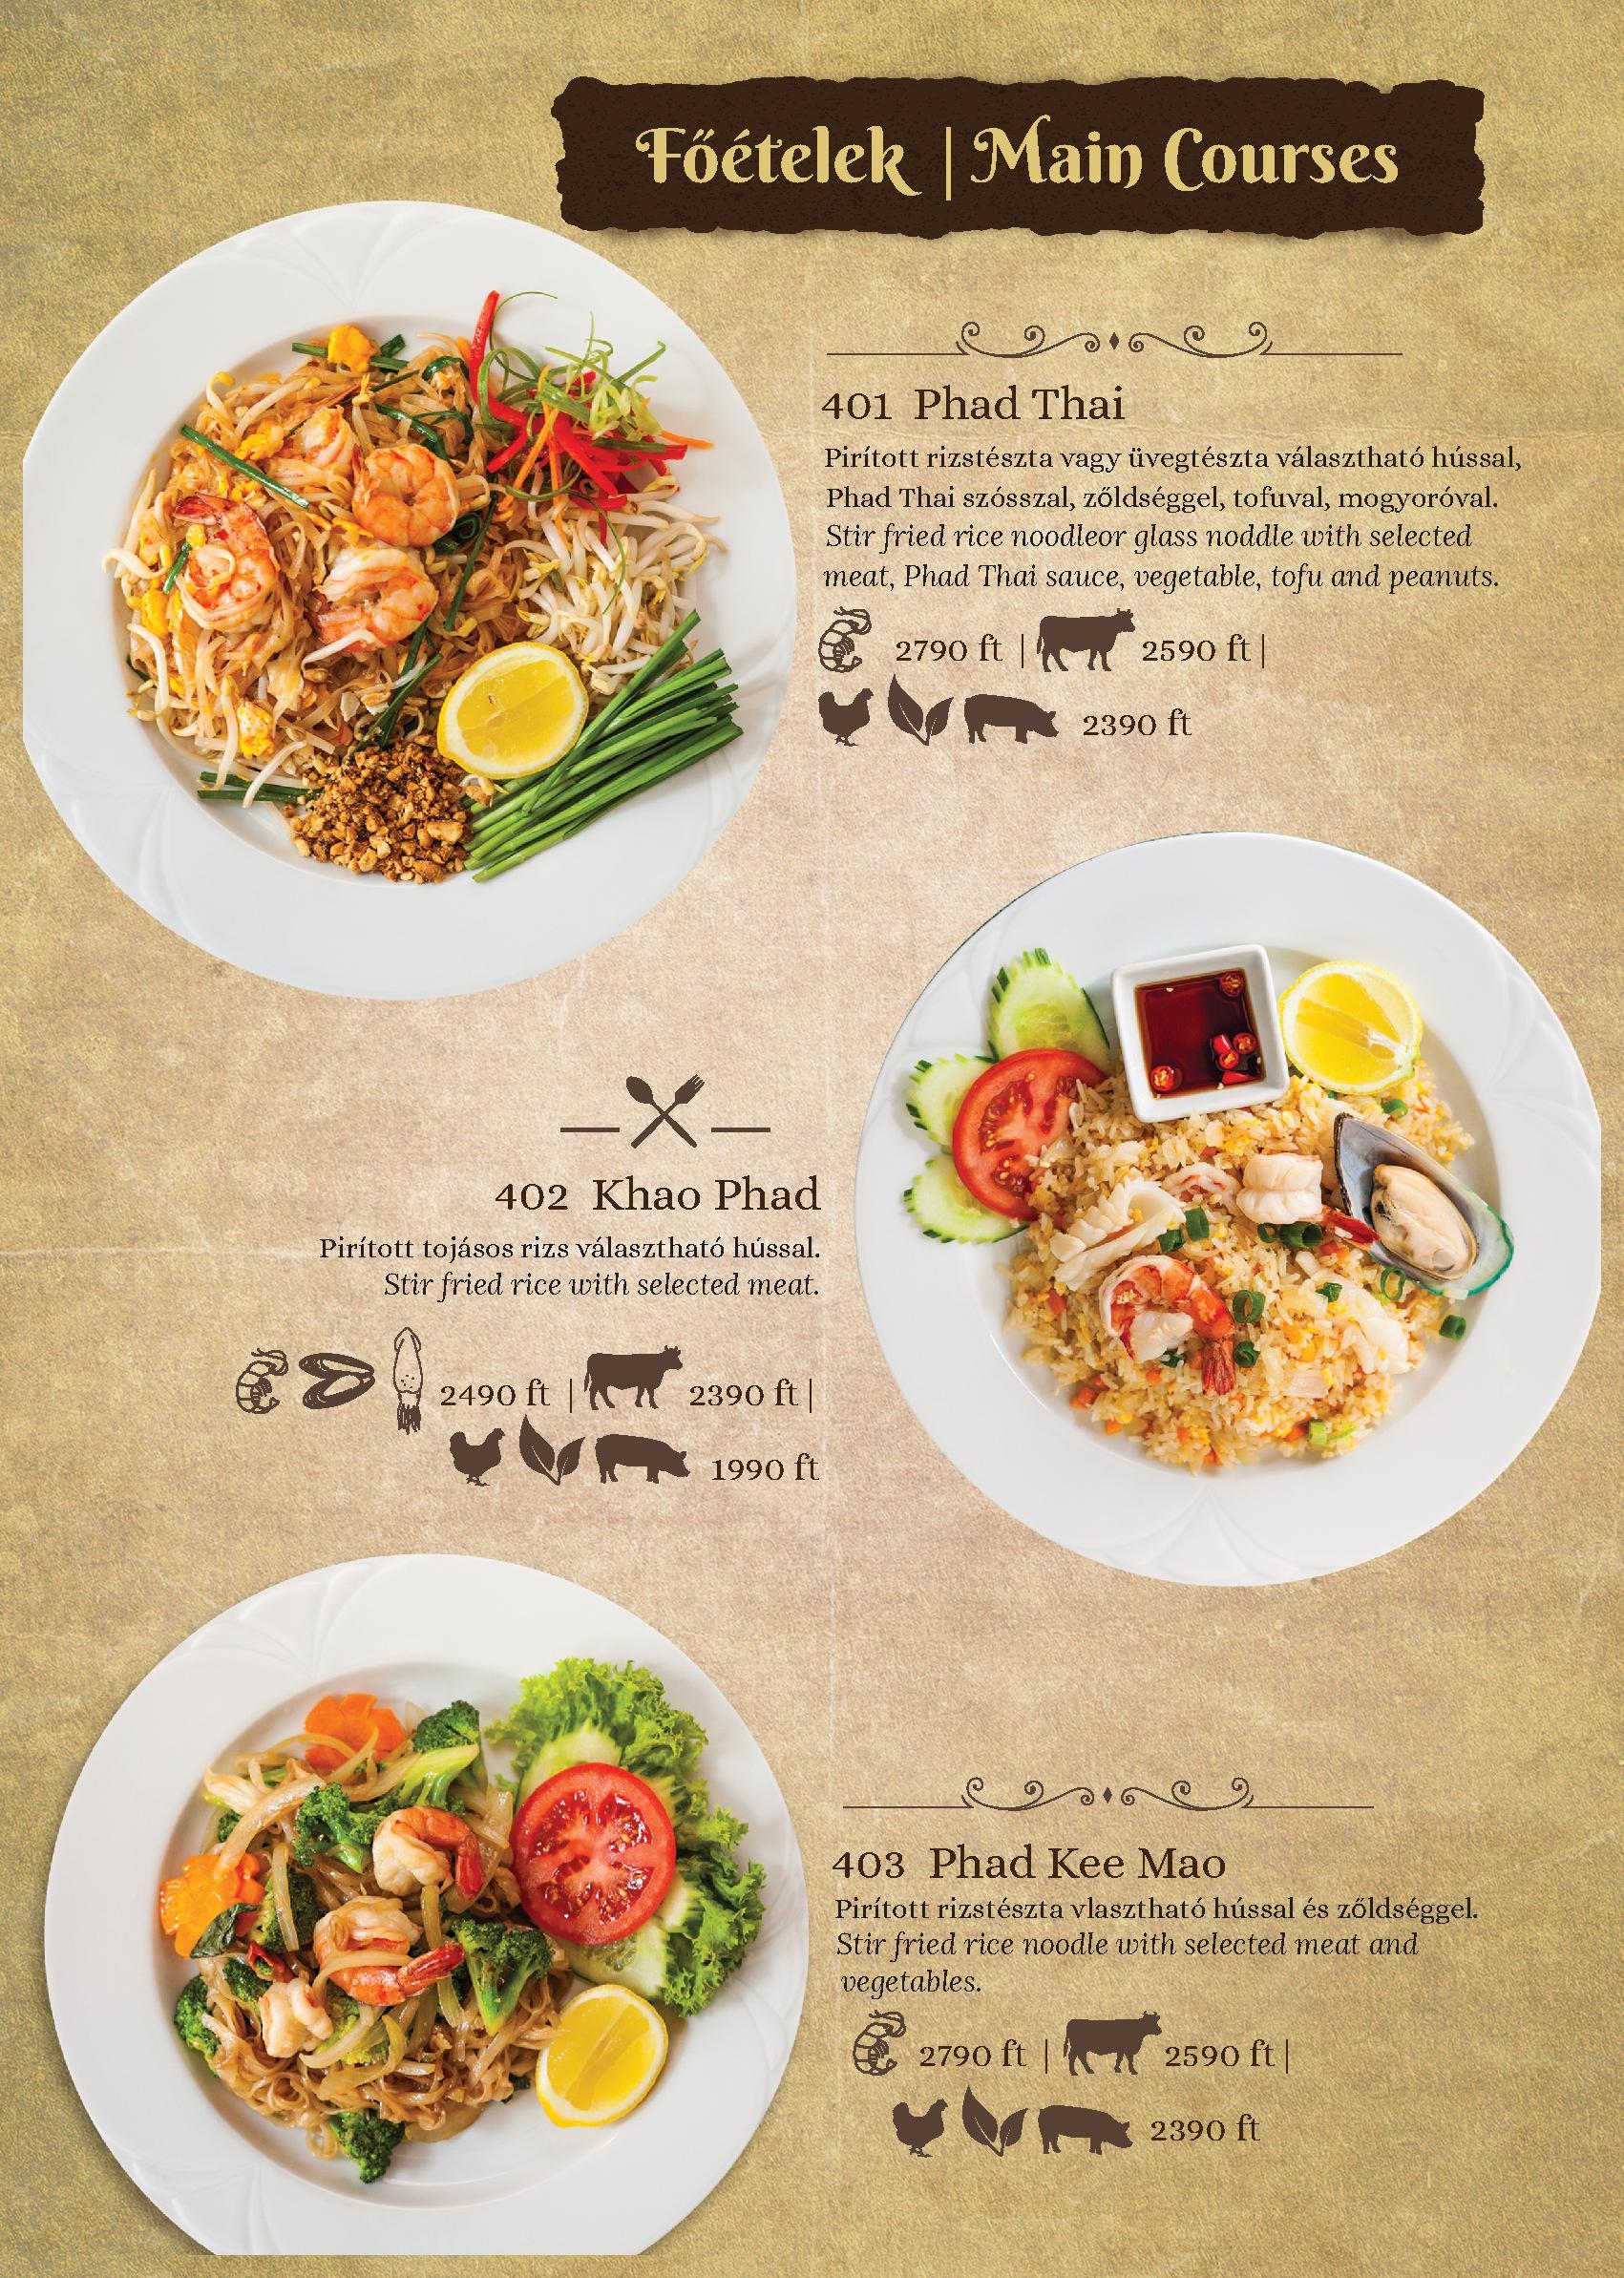 4.Sawasdee_menu_book-main_dish.2018.1.jpg